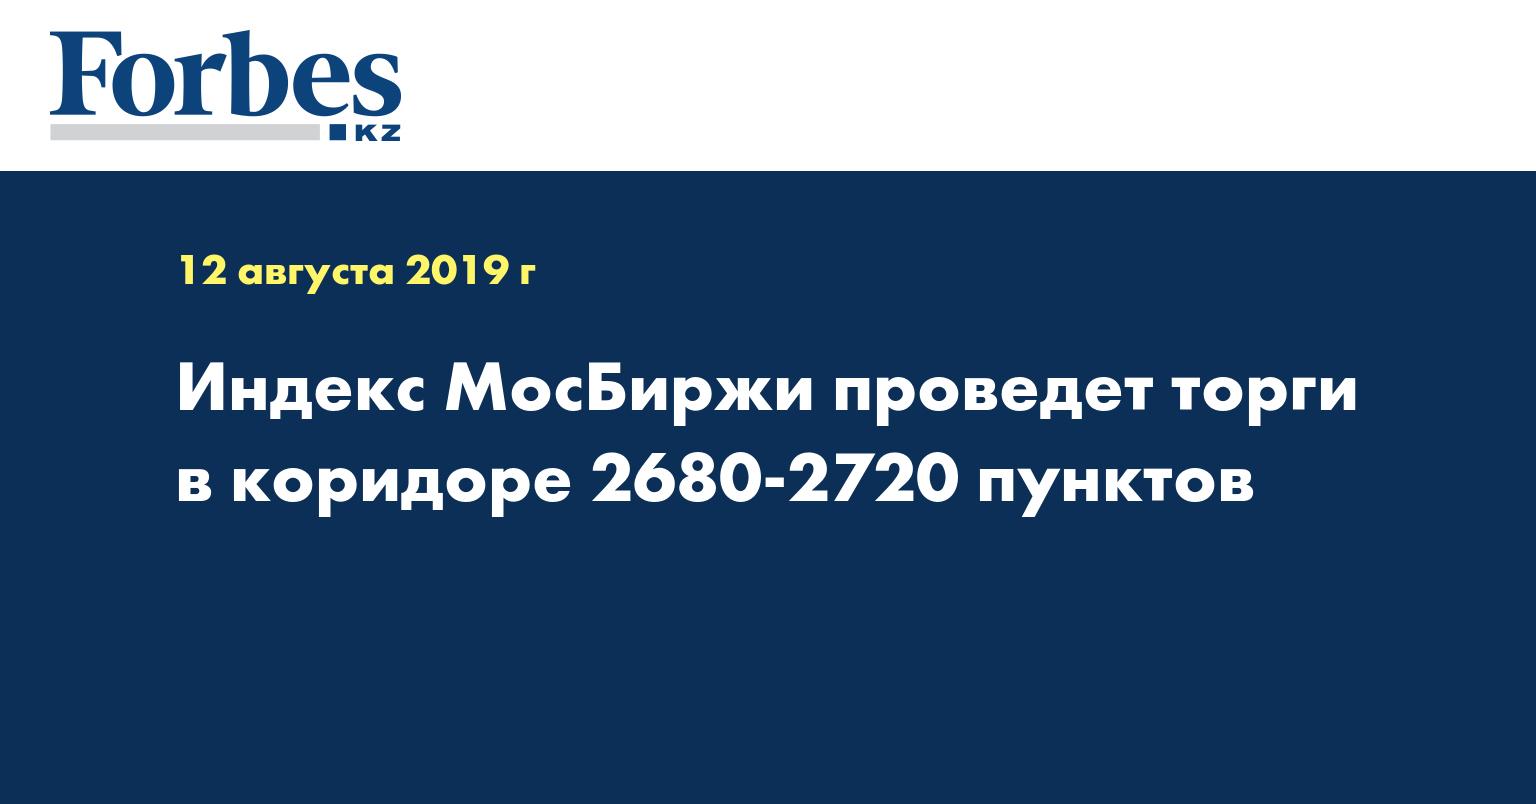 Индекс МосБиржи проведет торги в коридоре 2680-2720 пунктов